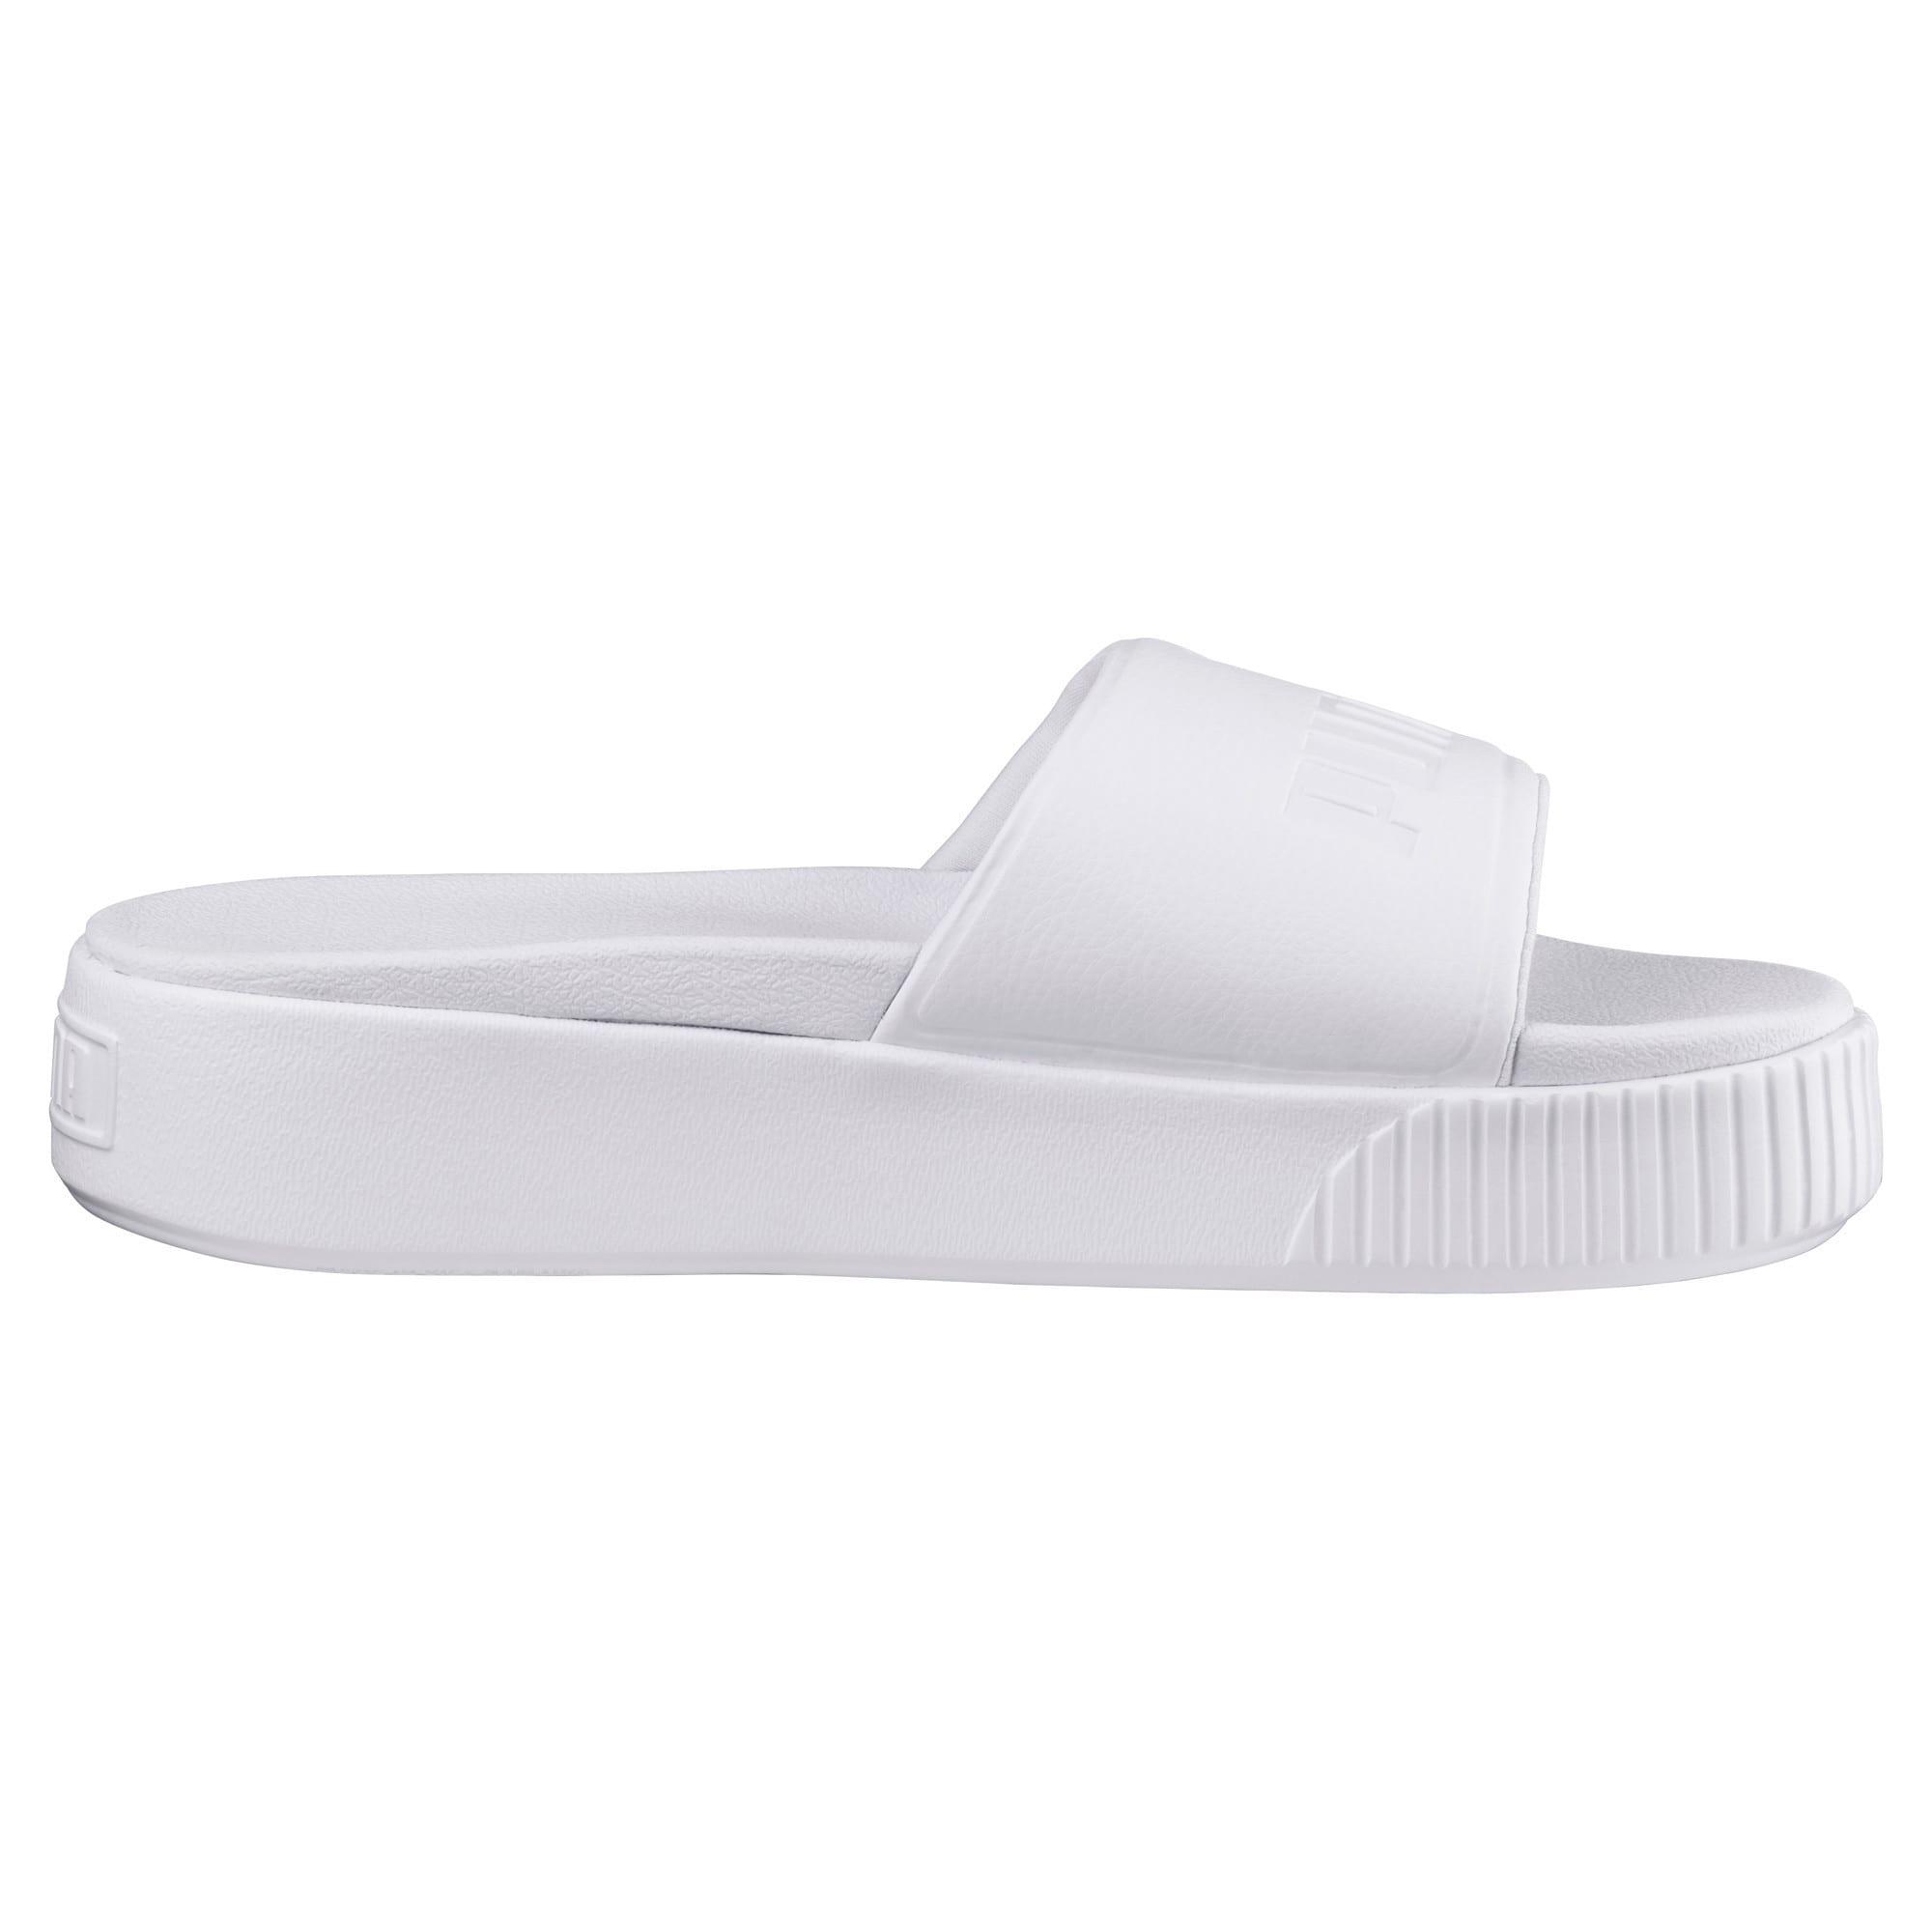 Thumbnail 4 of Platform Slide Bold Women's Sandals, Puma White-Puma White, medium-IND